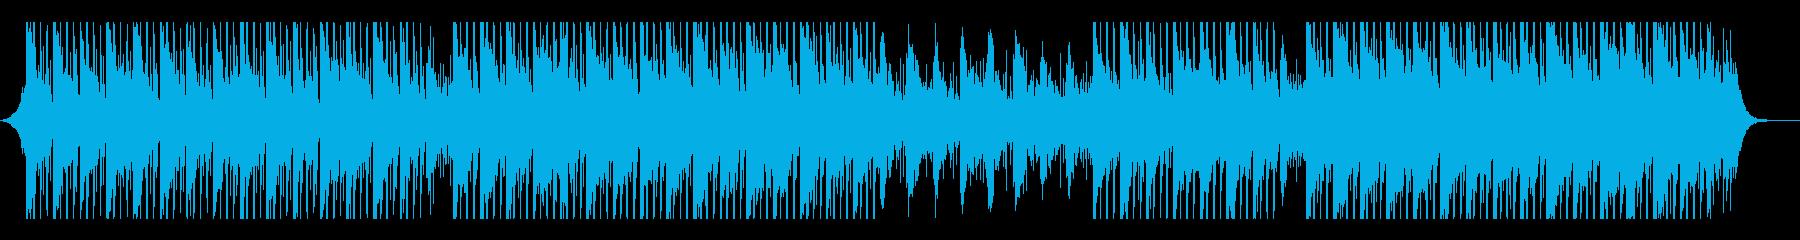 ミニマリズムの再生済みの波形